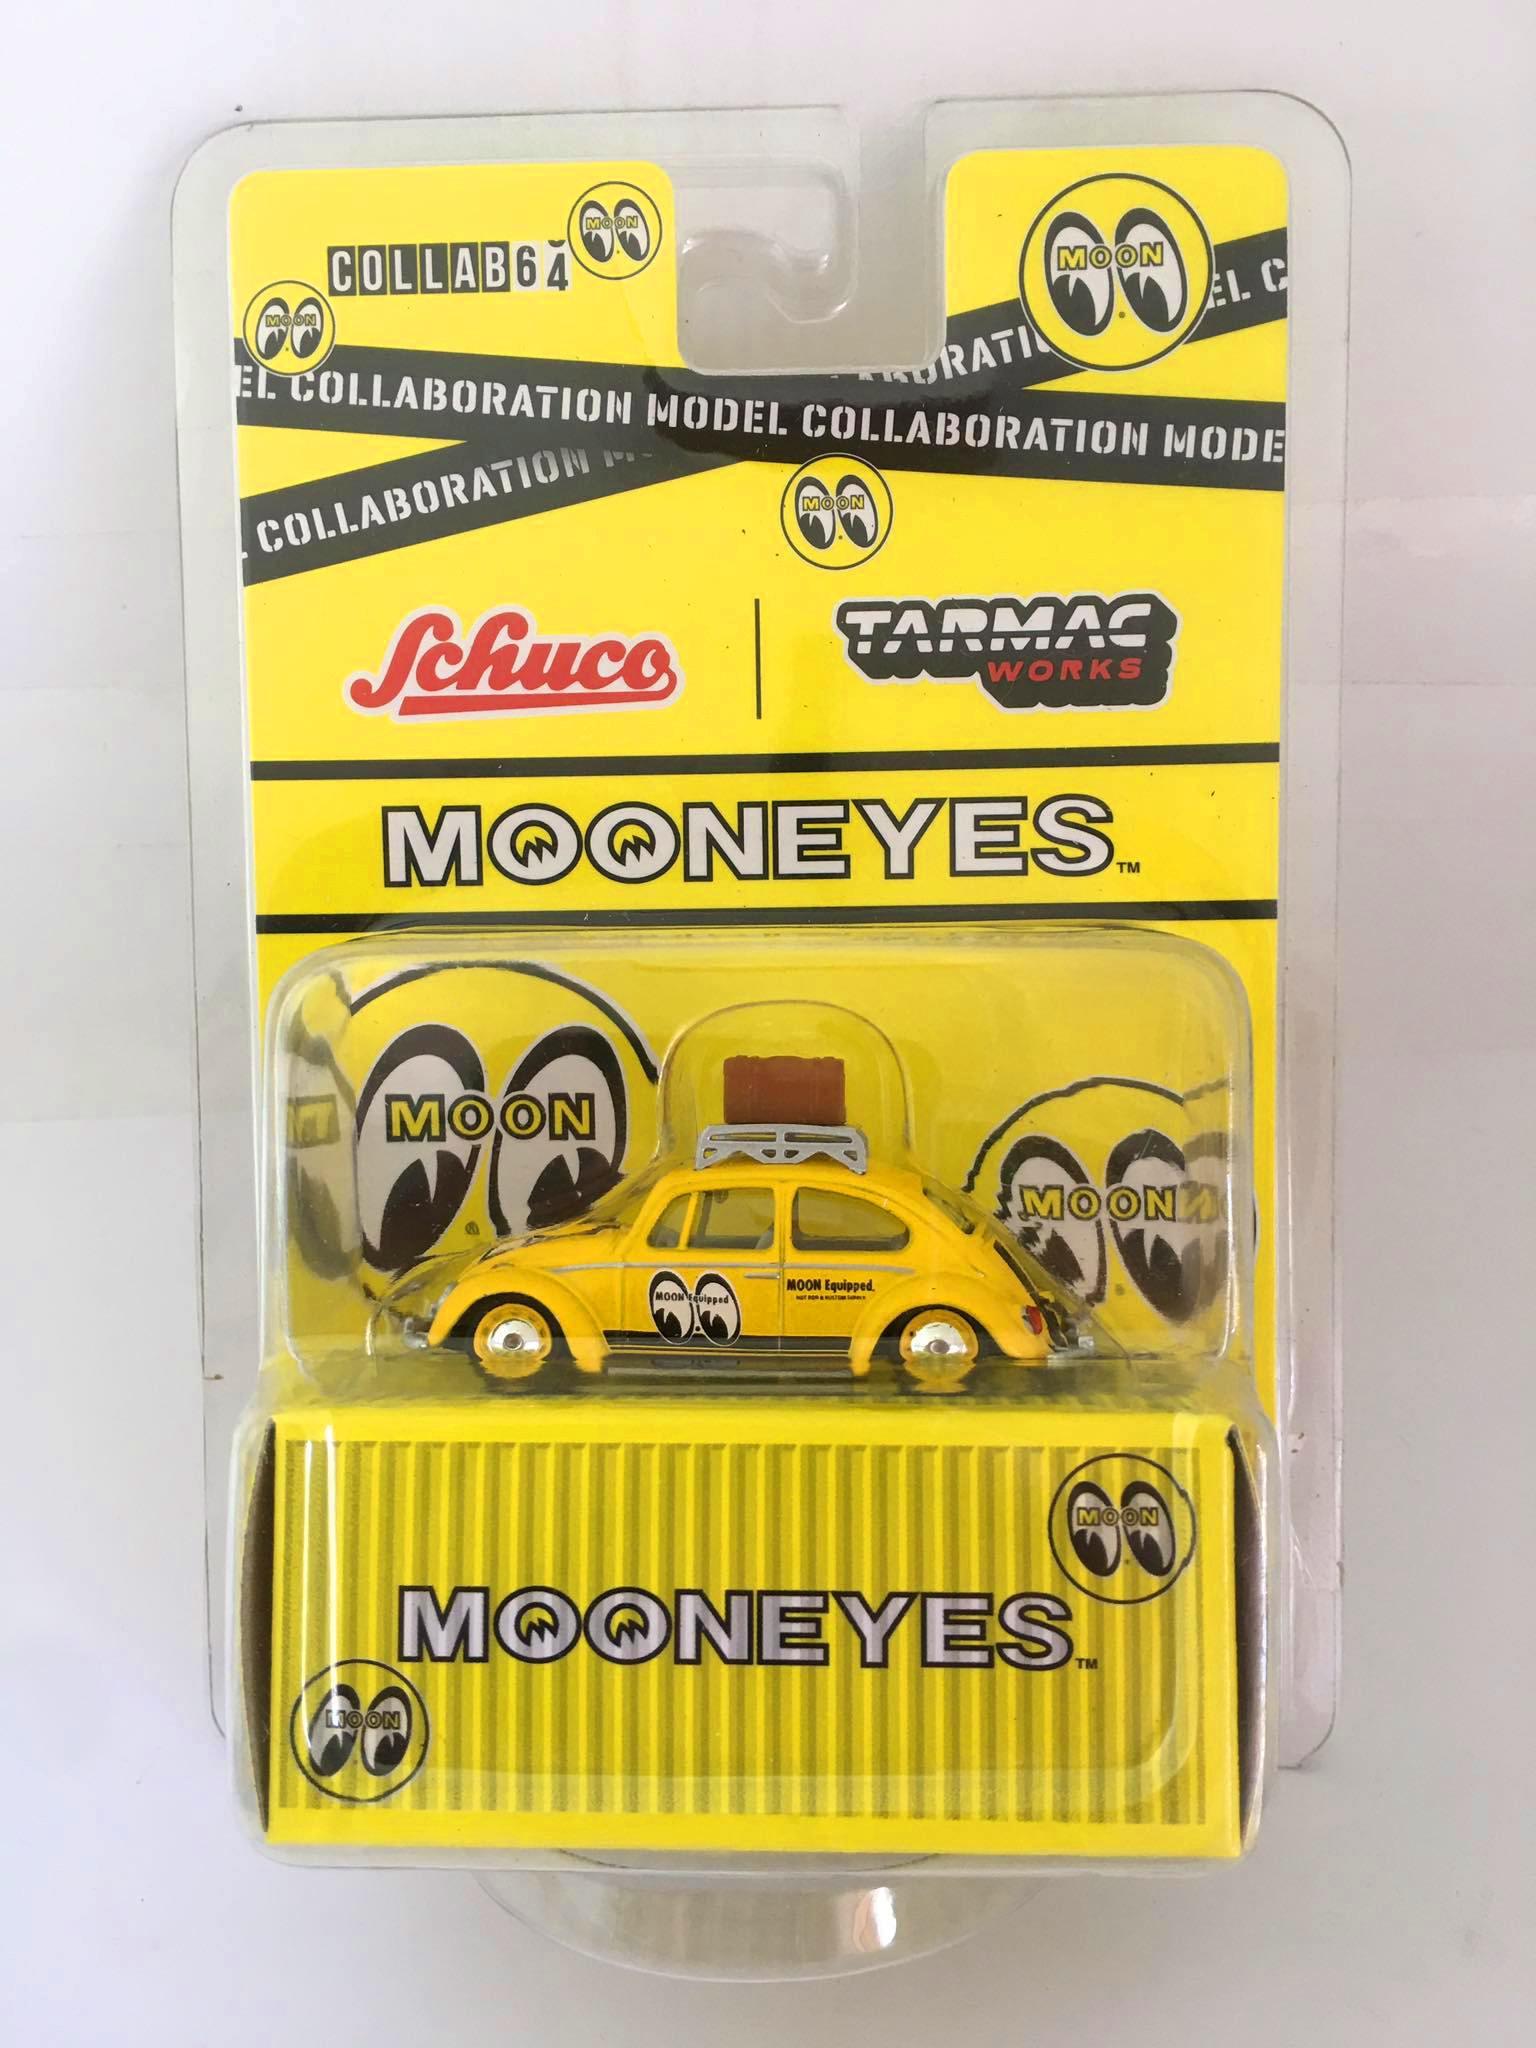 Schuco / Tarmac Works - Volkswagen Beetle Mooneyes - Collab64